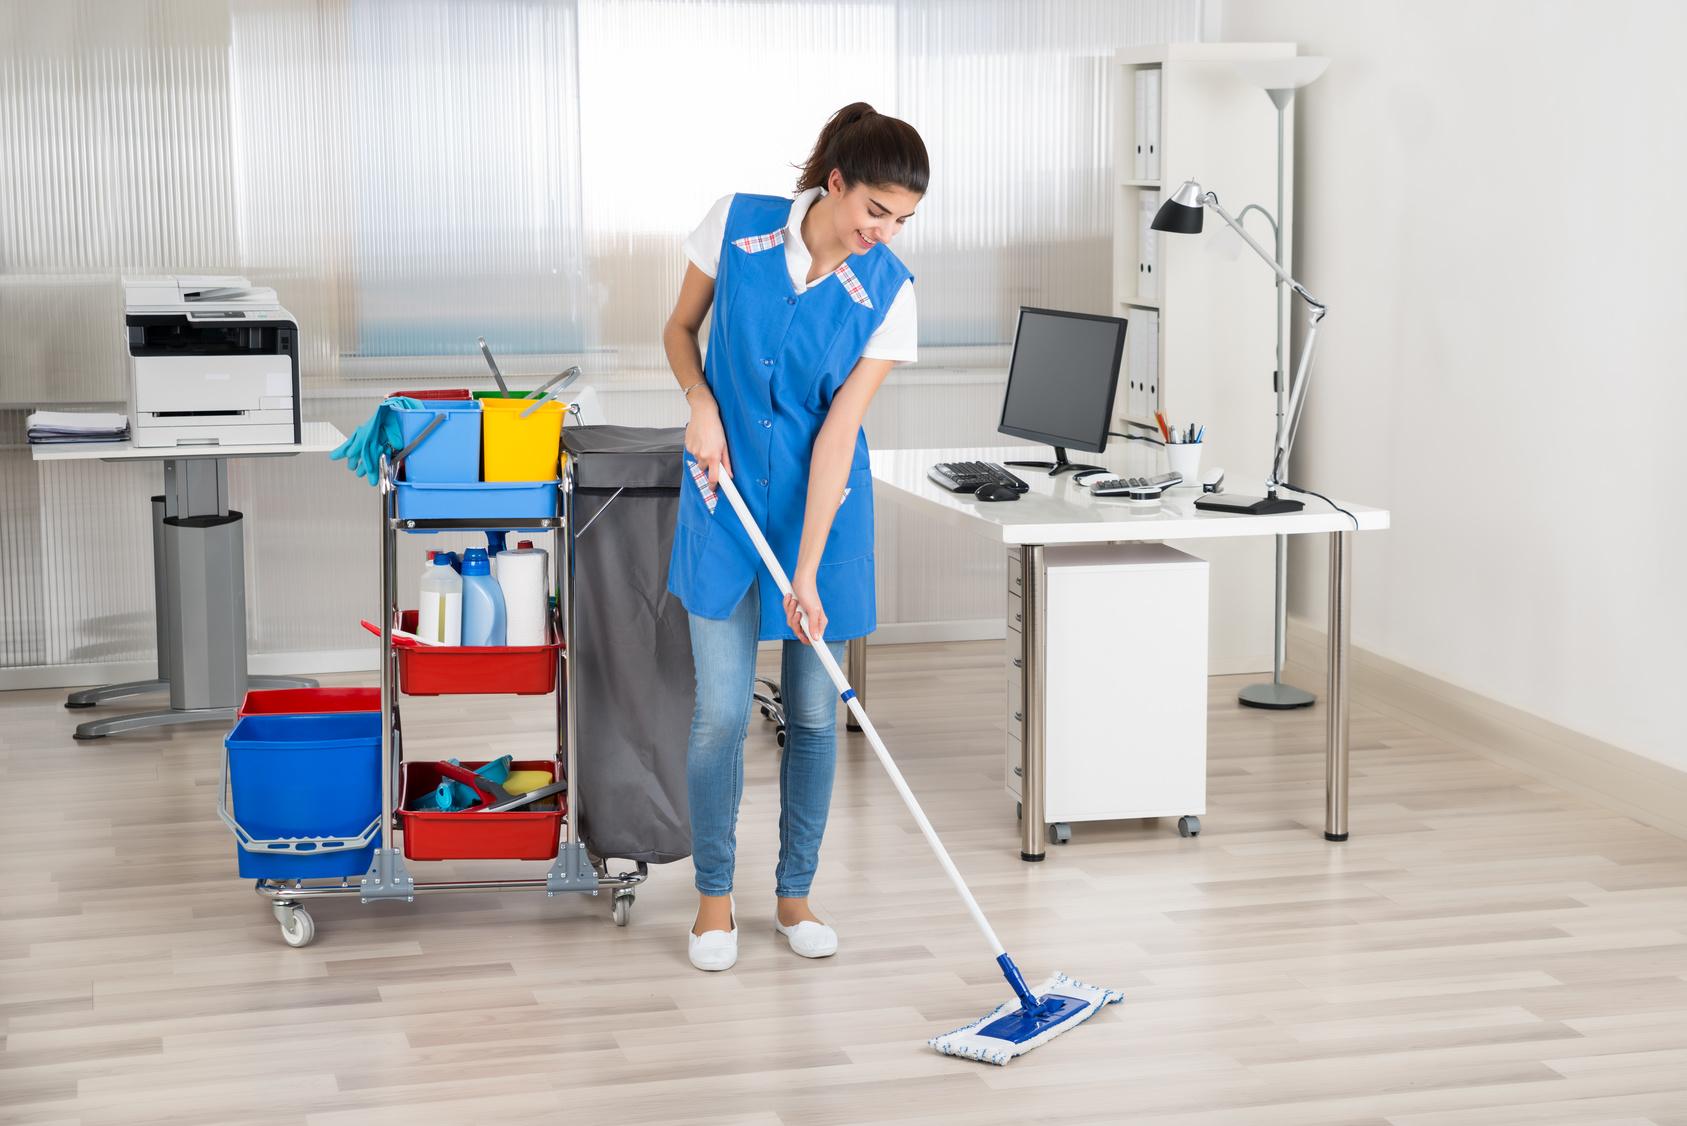 concierge femme laver le sol dans le bureau